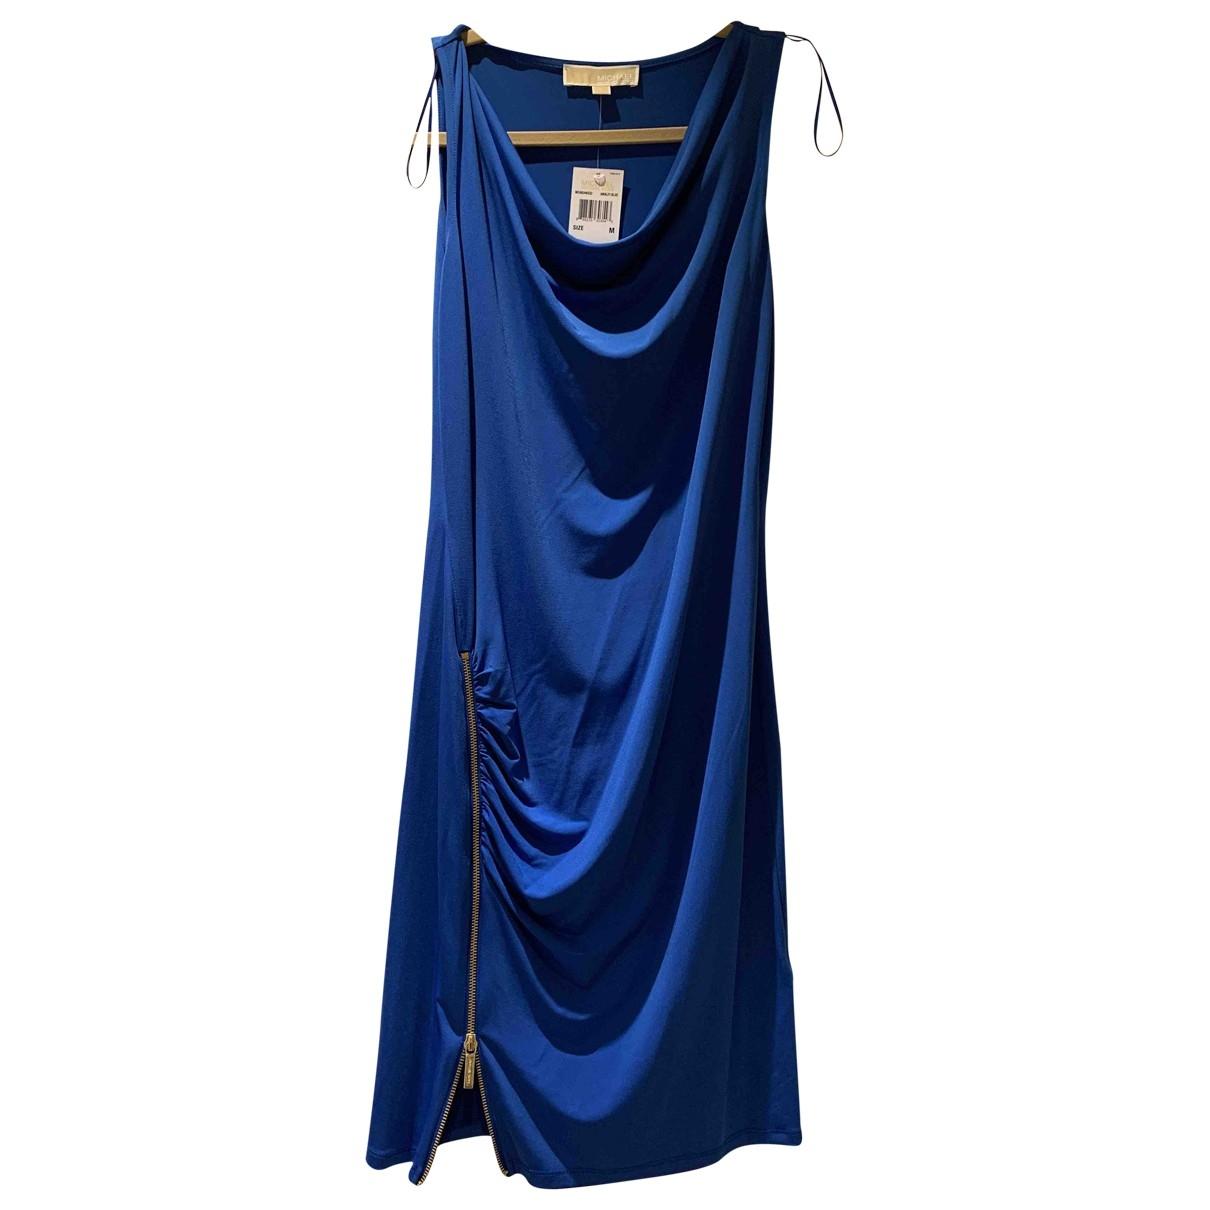 Michael Kors \N Blue dress for Women M International